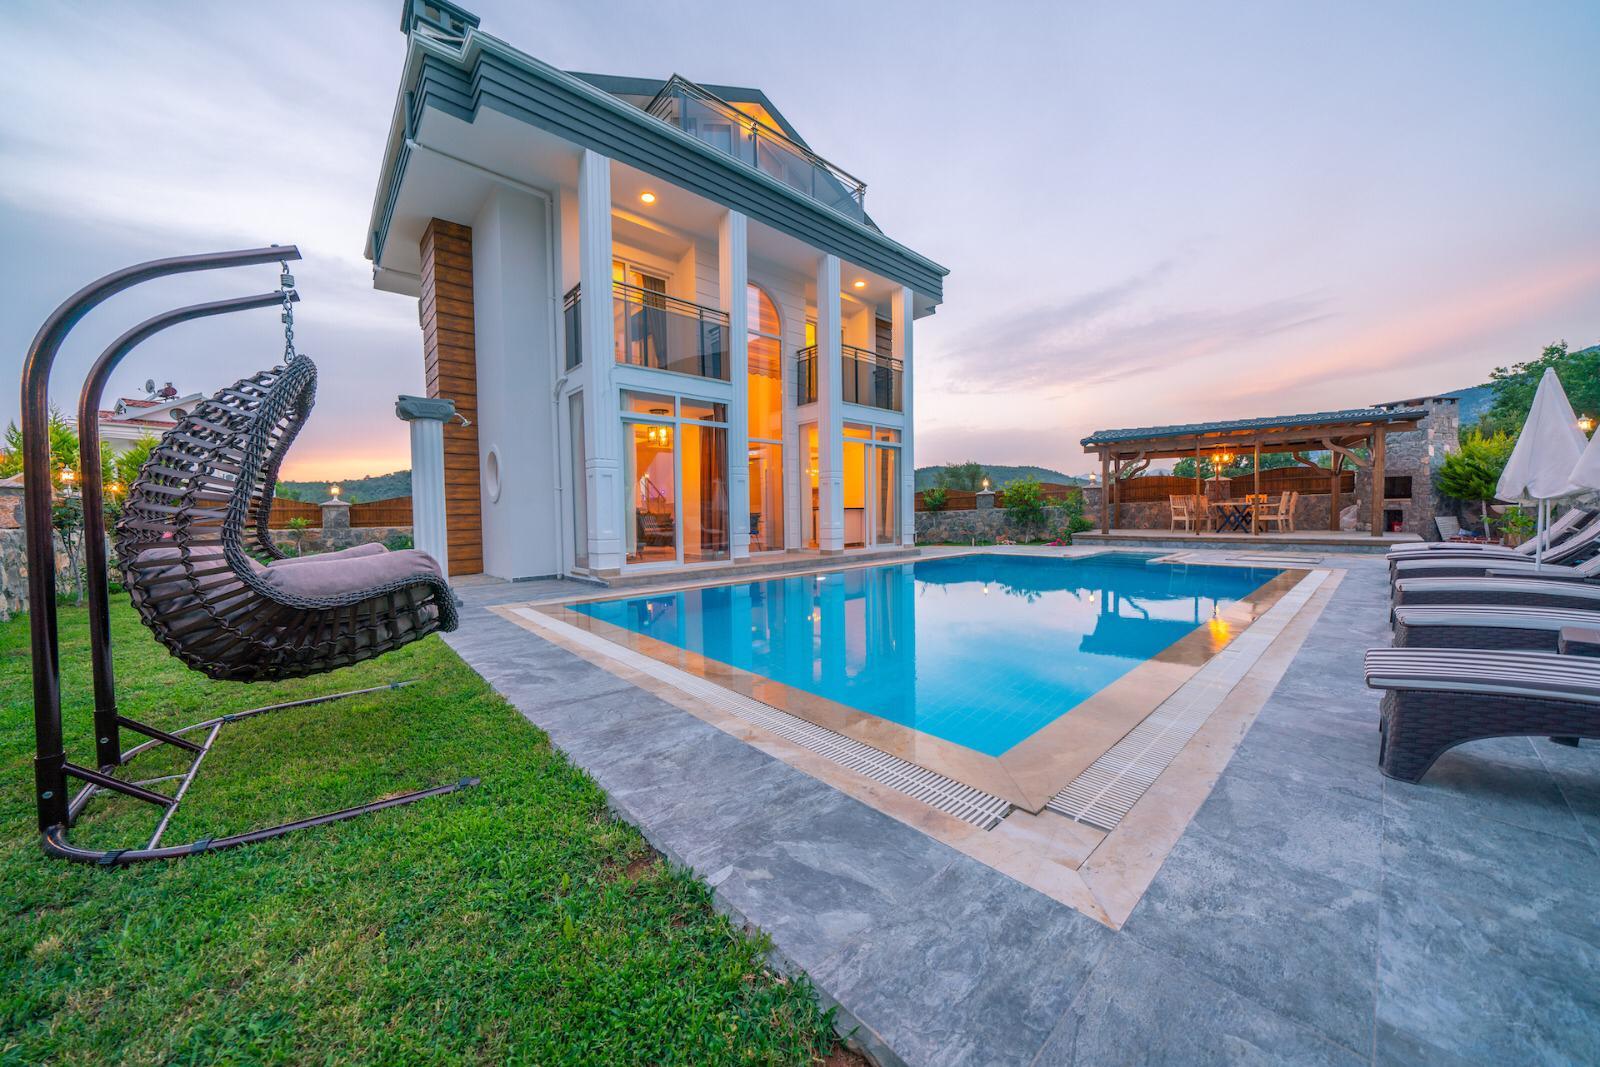 4 Bedroom 4 Bathroom Luxury Villa for Holiday Rent – Fethiye, Ovacik